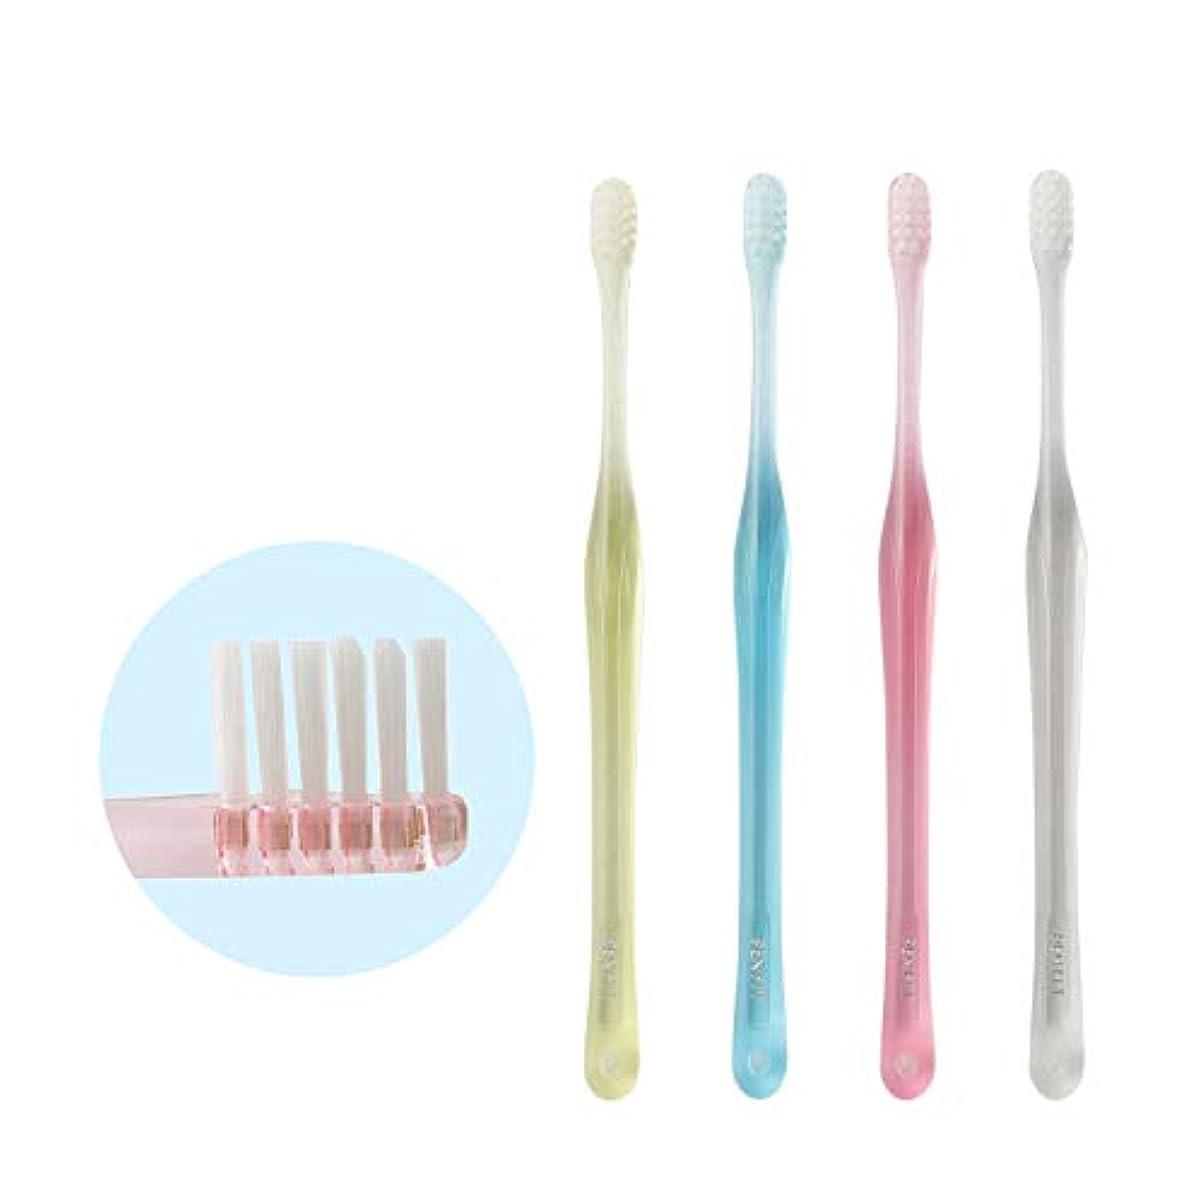 フォーマットリベラルピケオーラルケア ペンフィット (PENFIT) 歯ブラシ × 6本